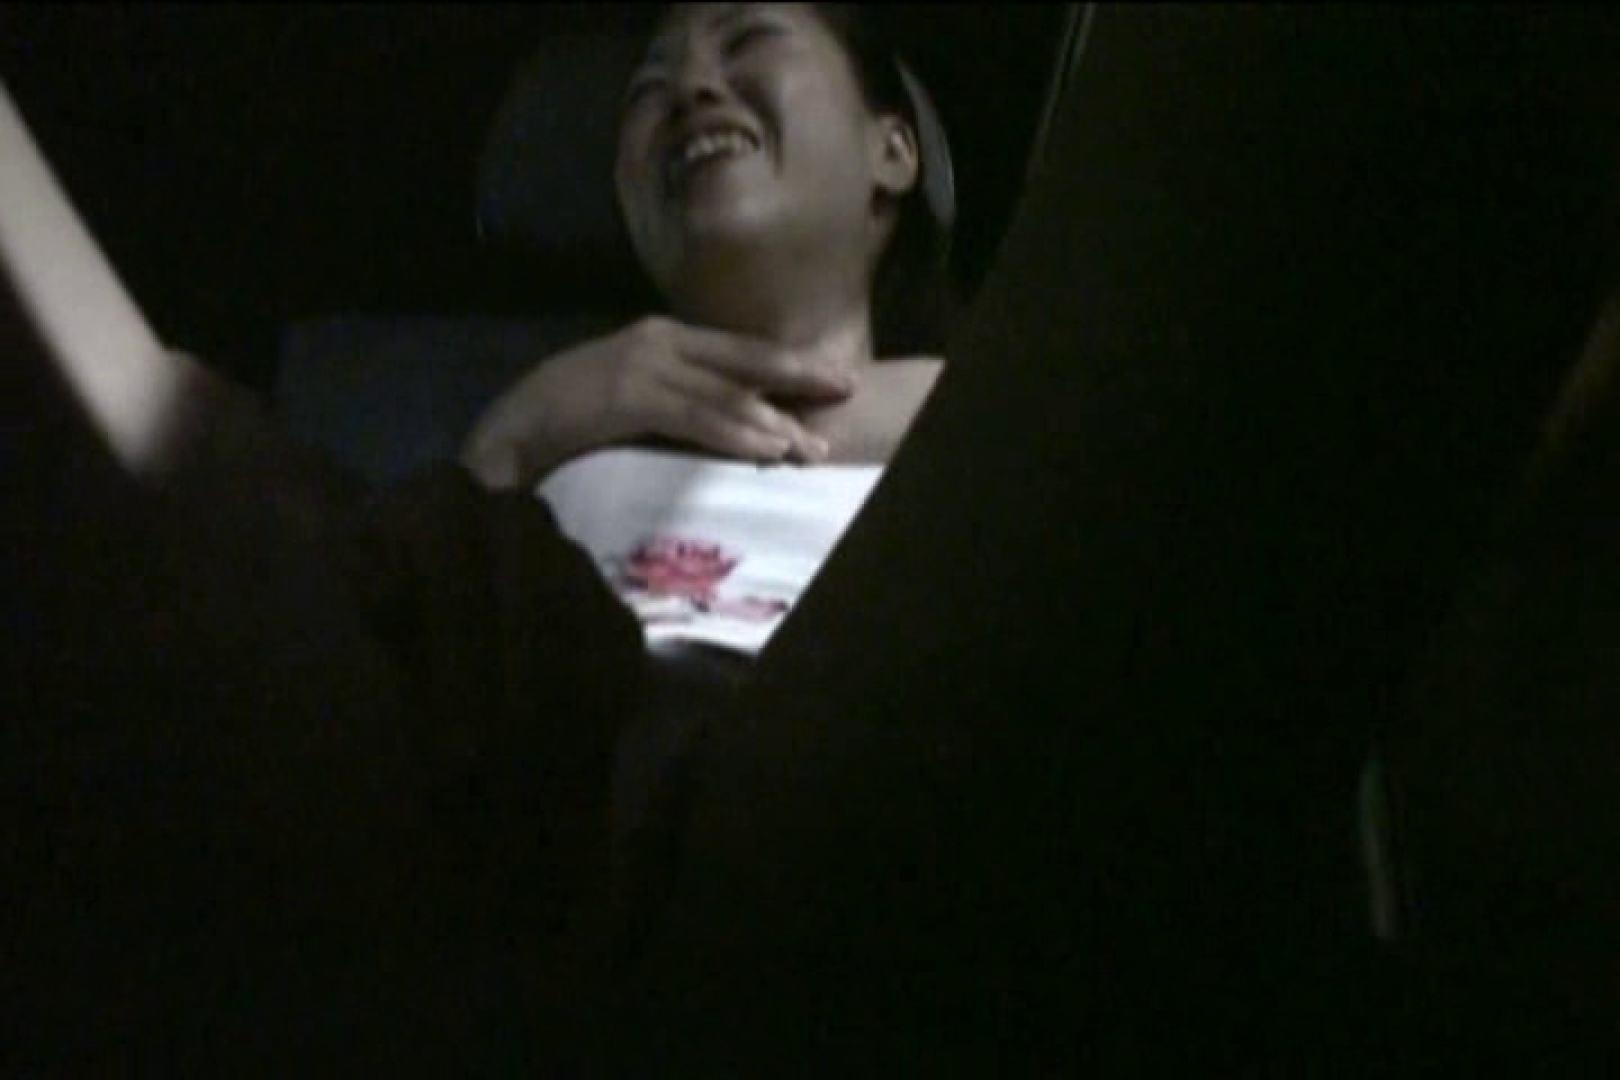 車内で初めまして! vol01 盗撮特撮 おまんこ無修正動画無料 13pic 3